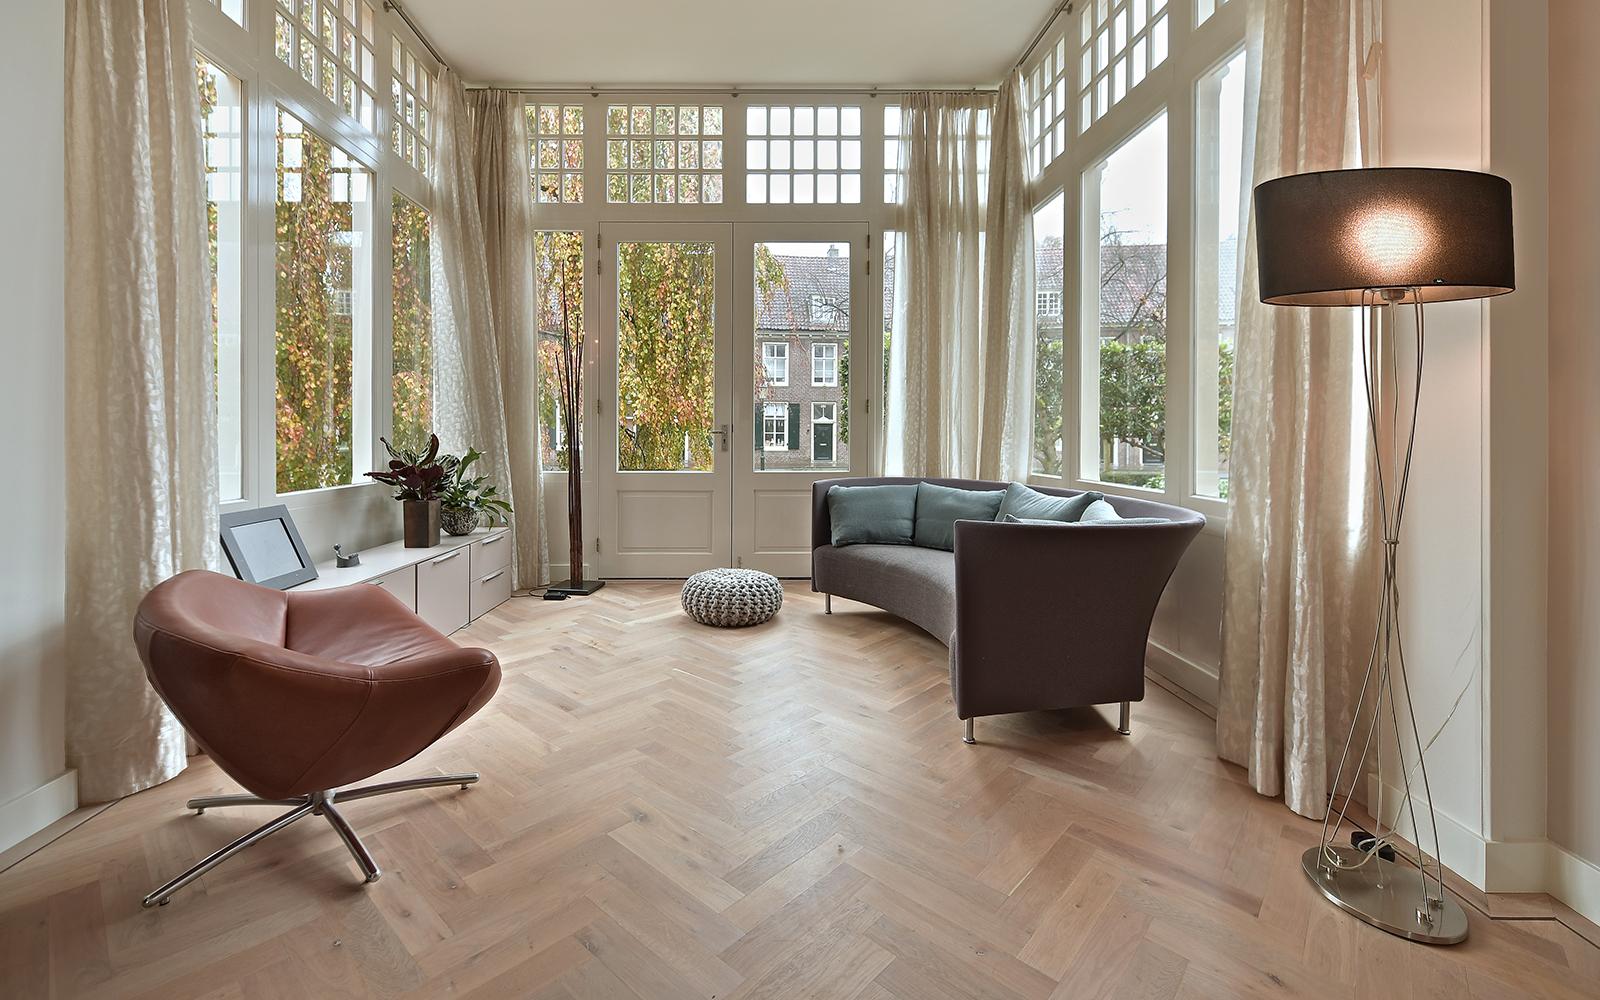 Houten vloer, visgraatvloer, Design Vloeren Nijkerk, woonkamer